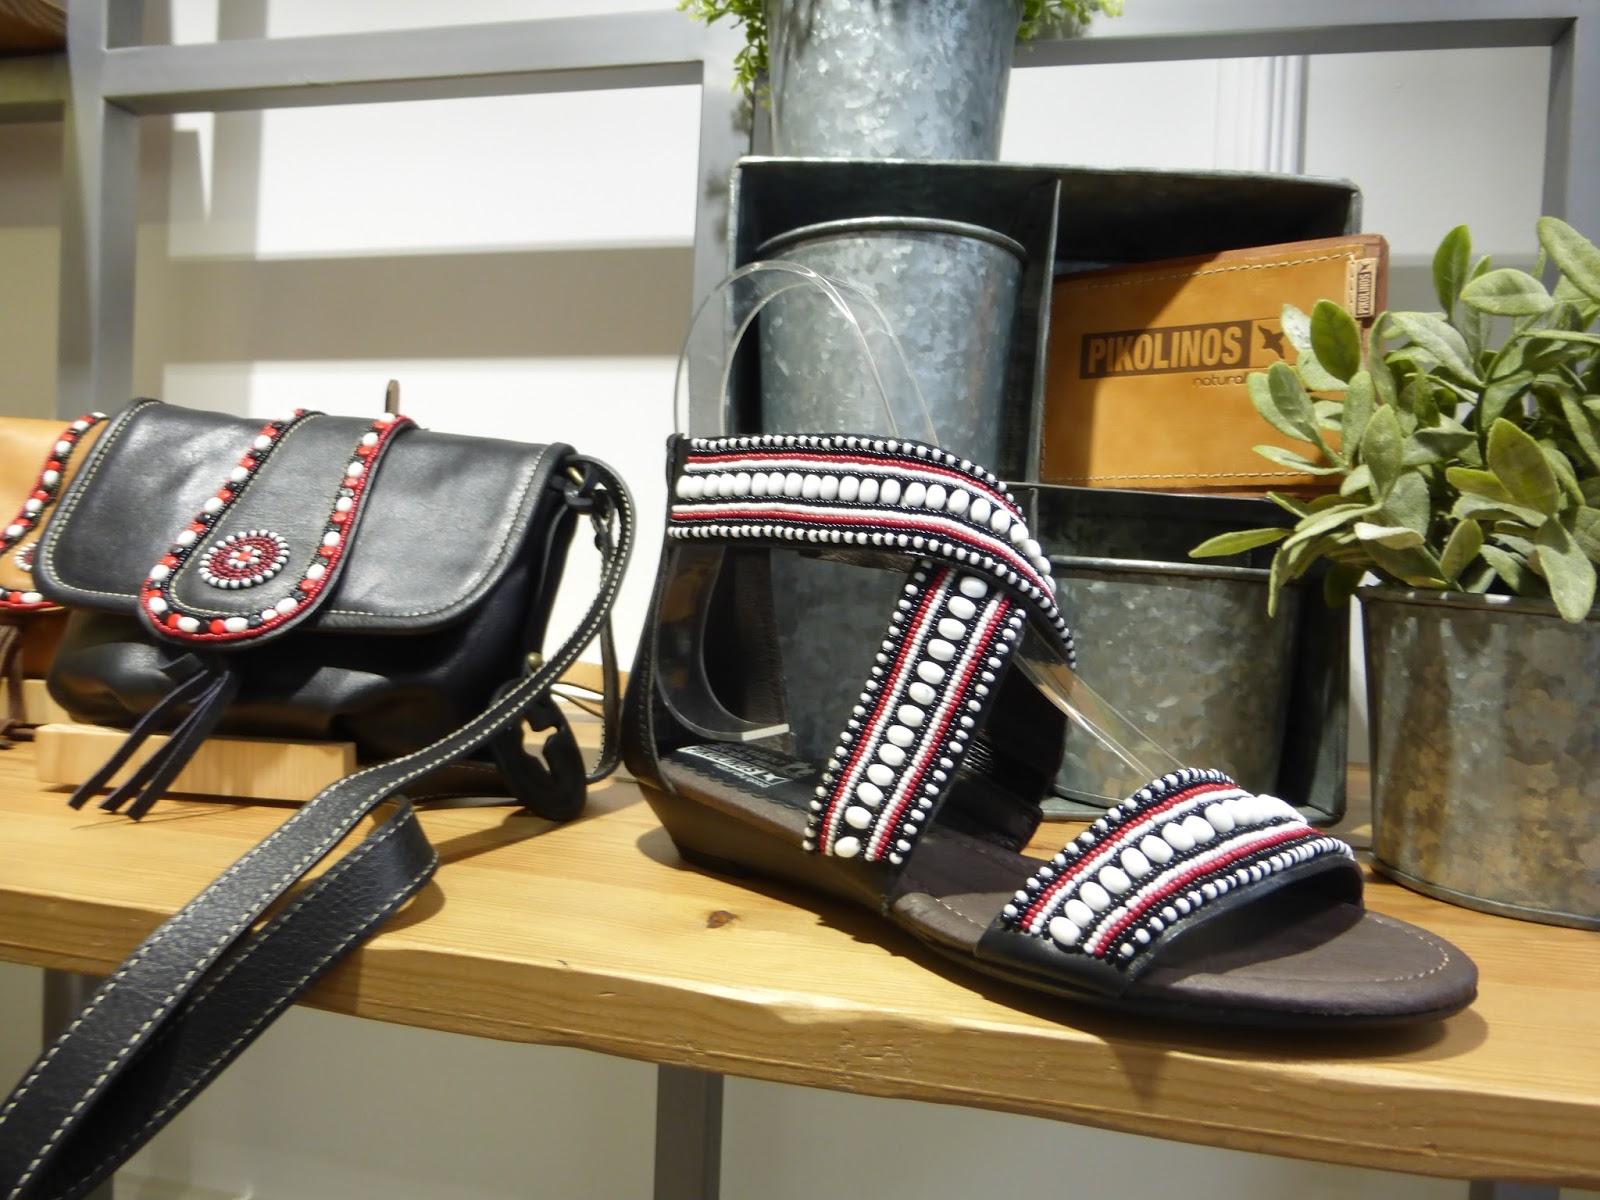 Ce projet Massaï, en partenariat entre Pikolinos et la tribu Massaï nous  emmène tout droit en Afrique. Le but de ses femmes qui travaillent ses  chaussures ... 766bd5bc3a24